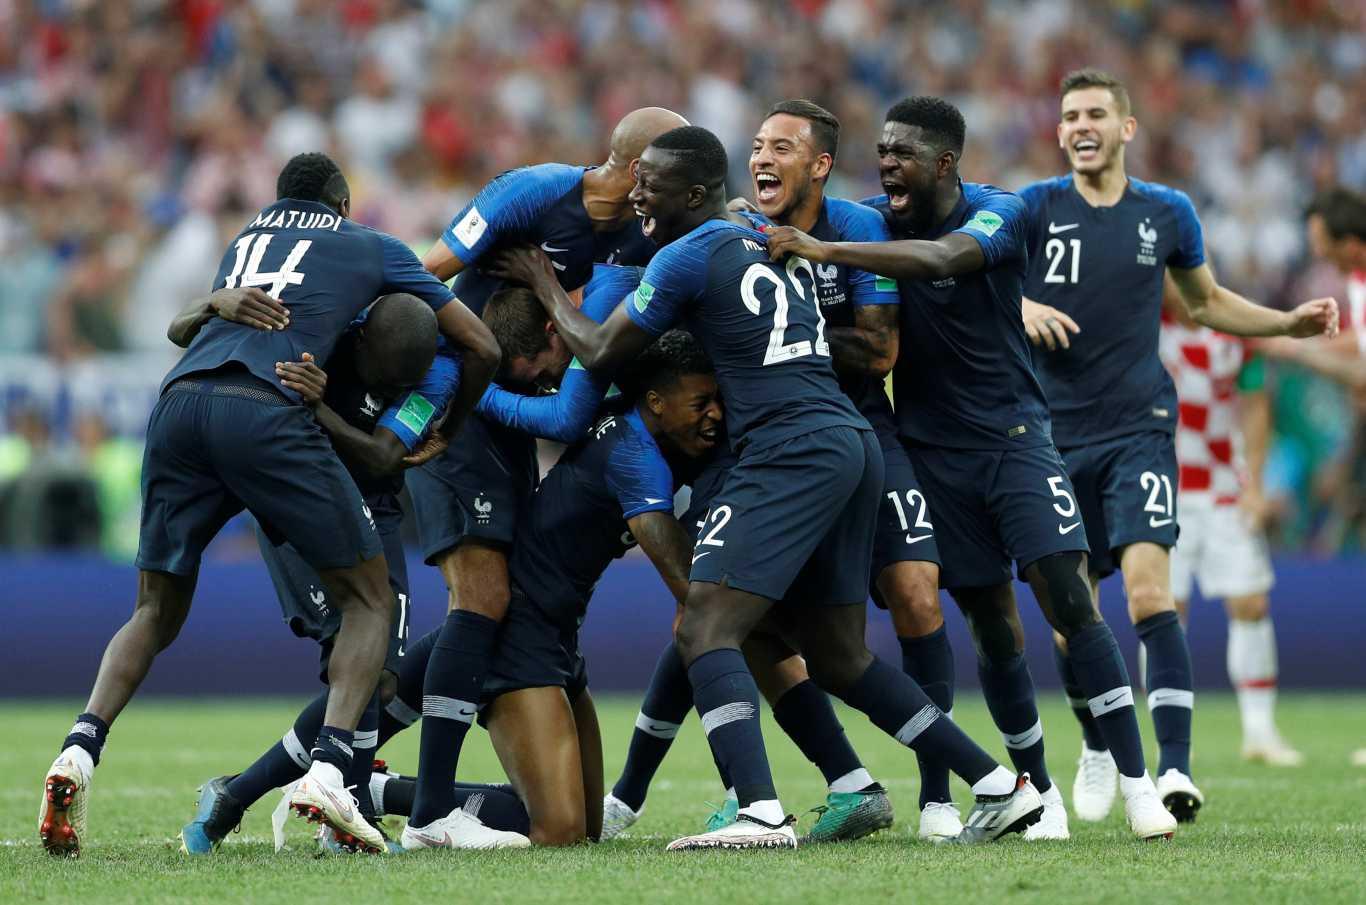 Pariez avec Betclic Paris Sportif en ligne|France !C'est réel!